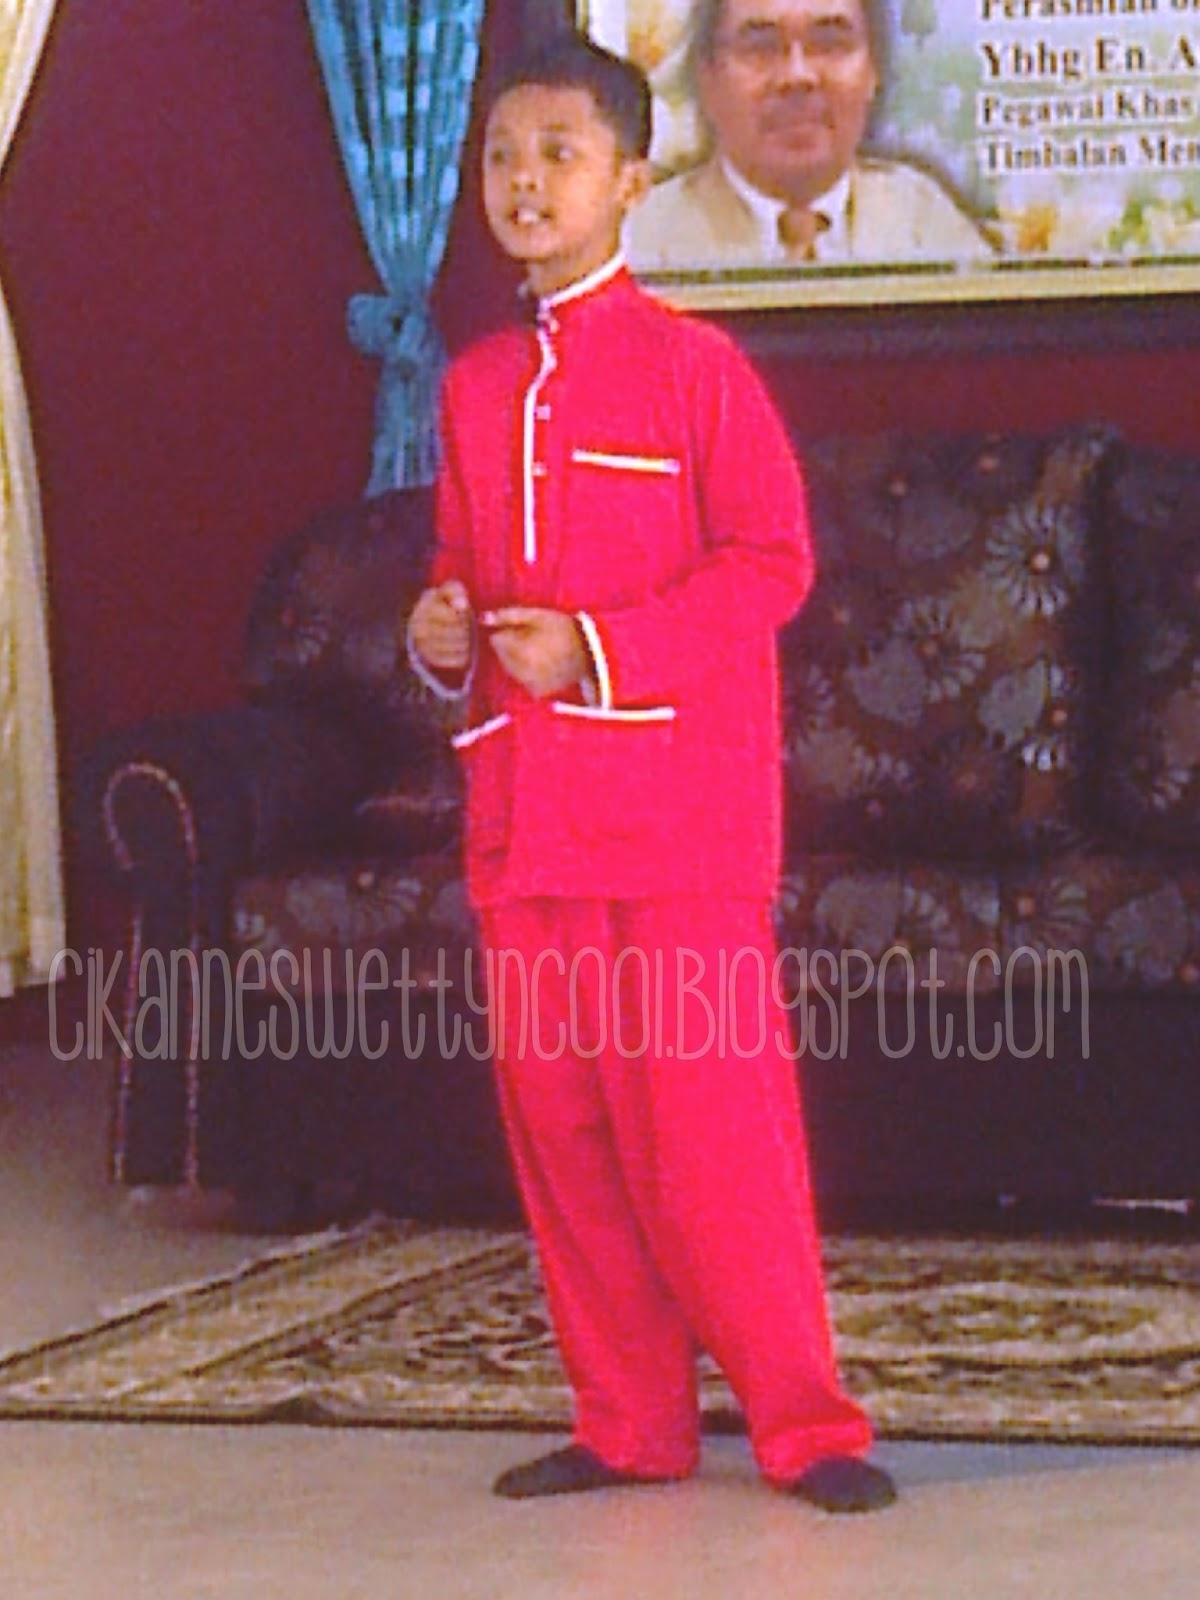 Naufal Syakirin Syaifullah Adik-adikku